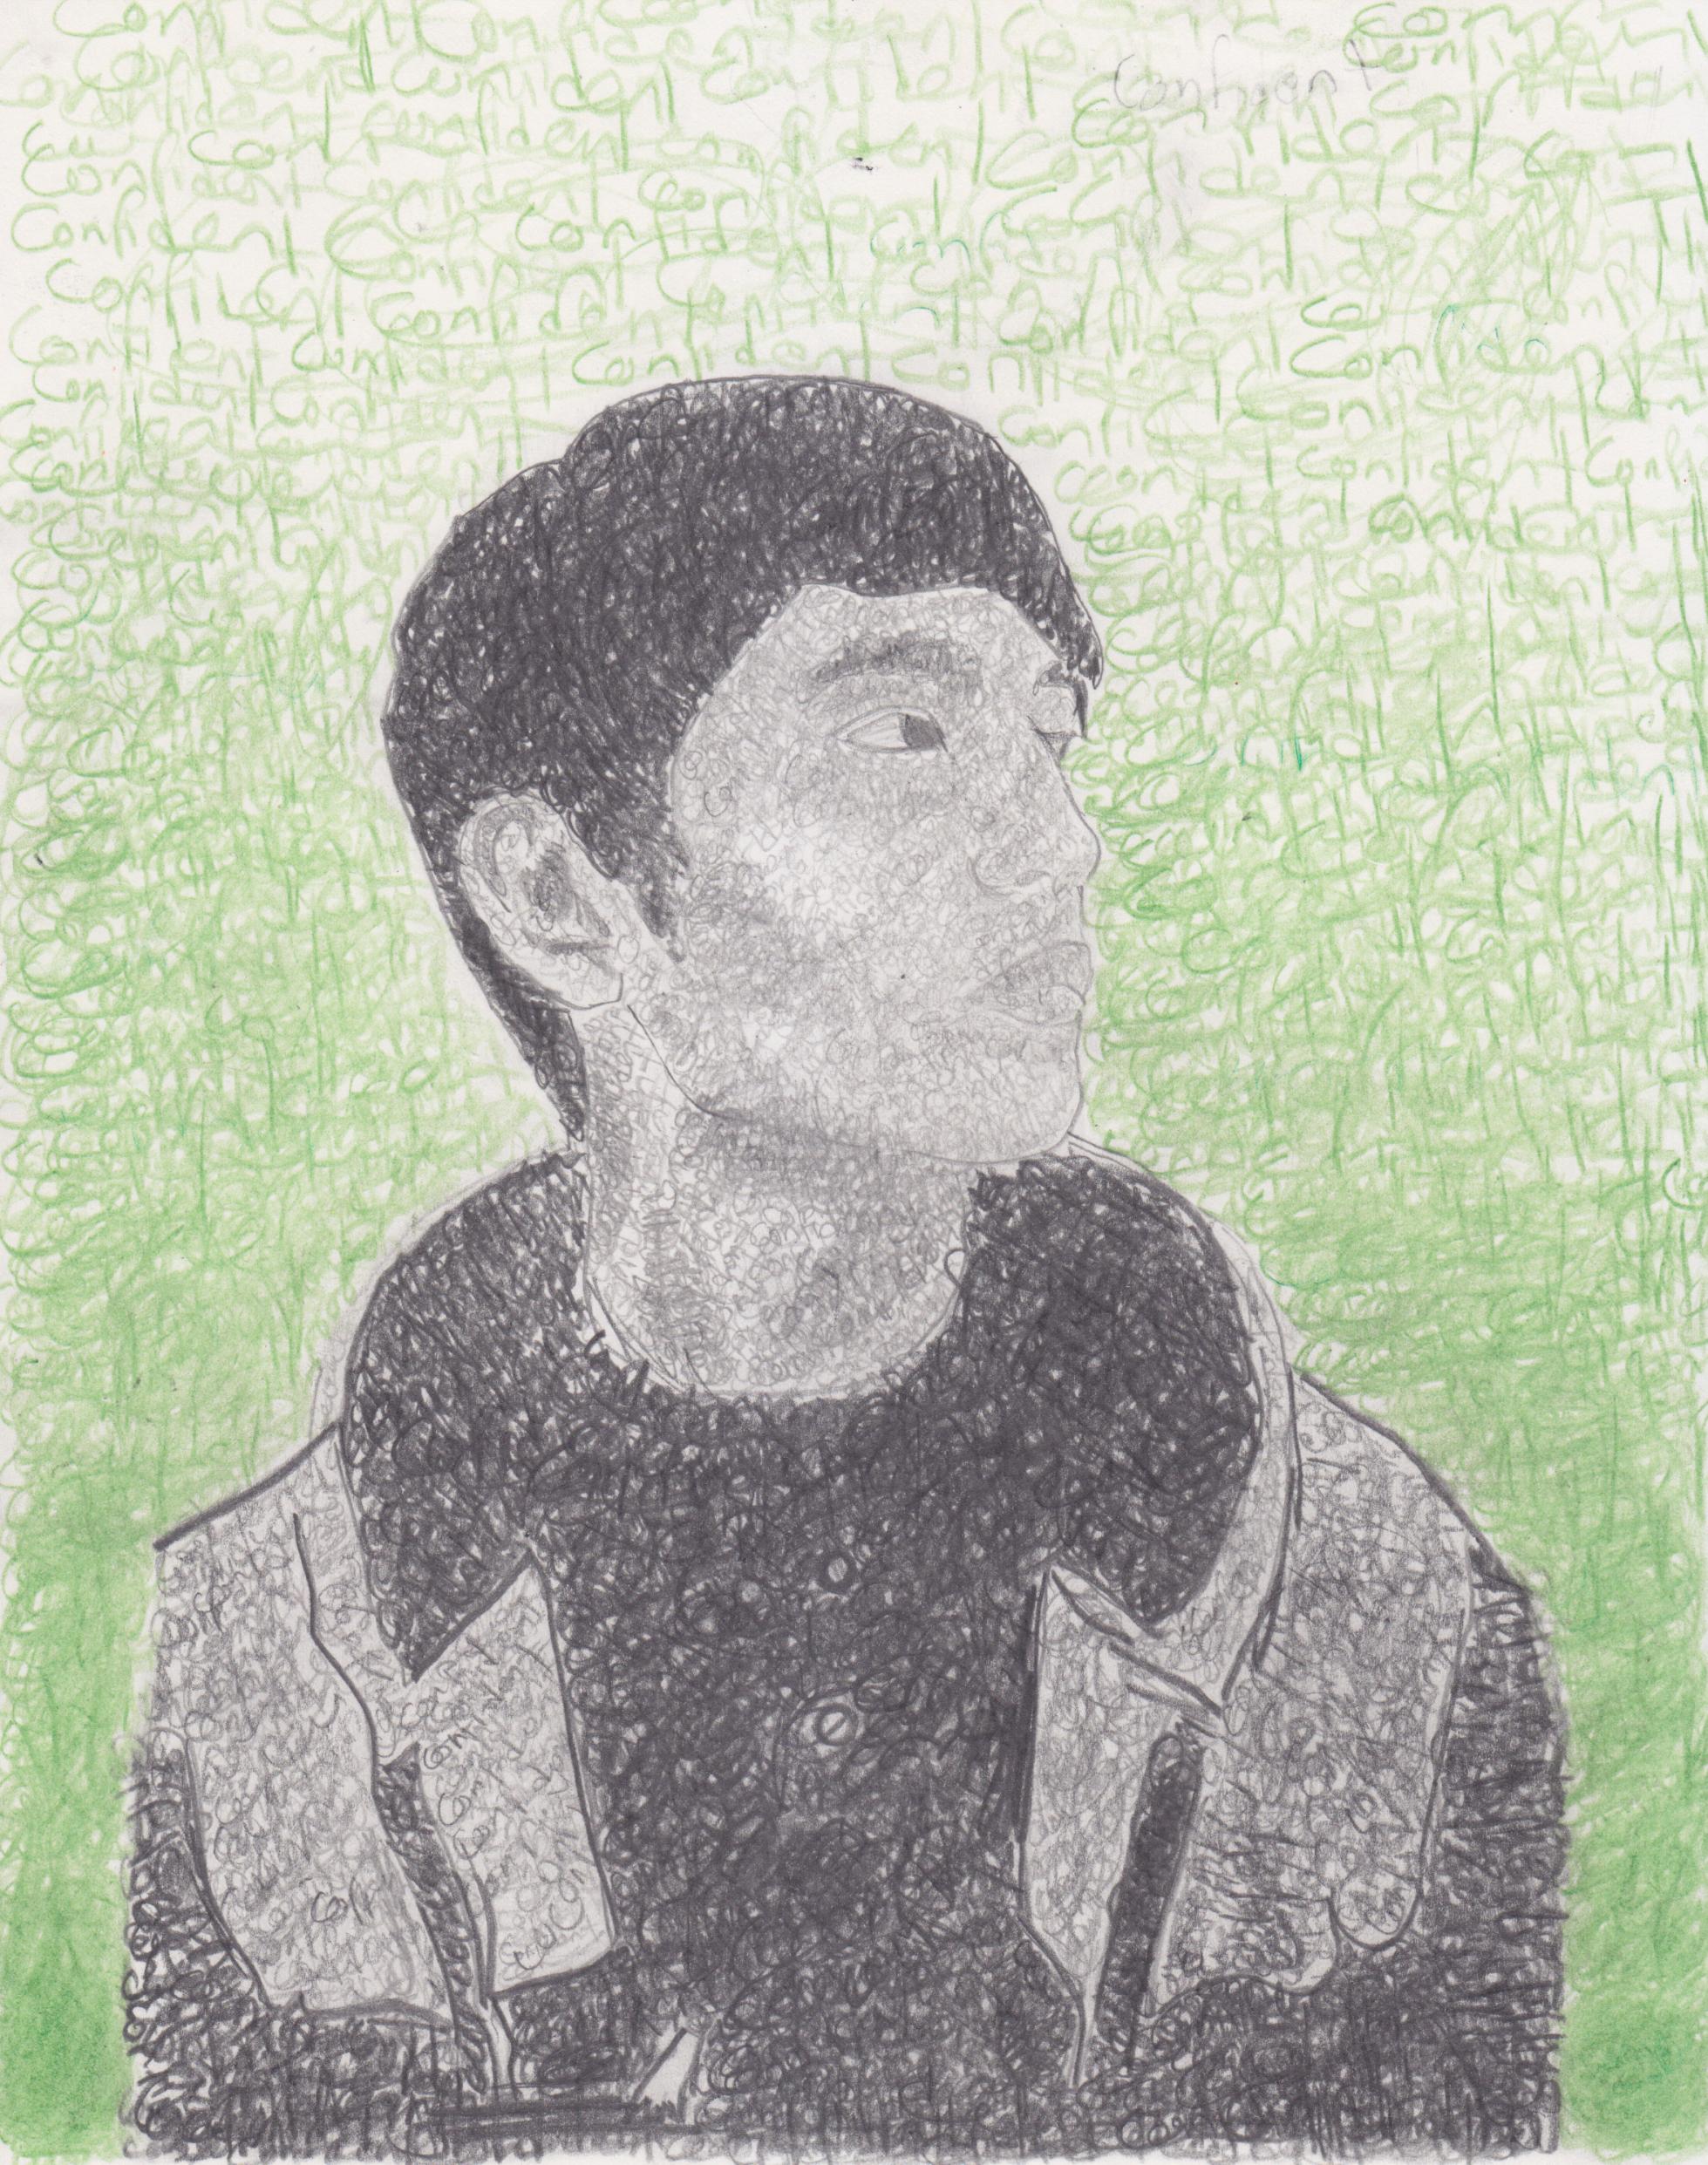 Mani_Text Portrait_Furness.jpg